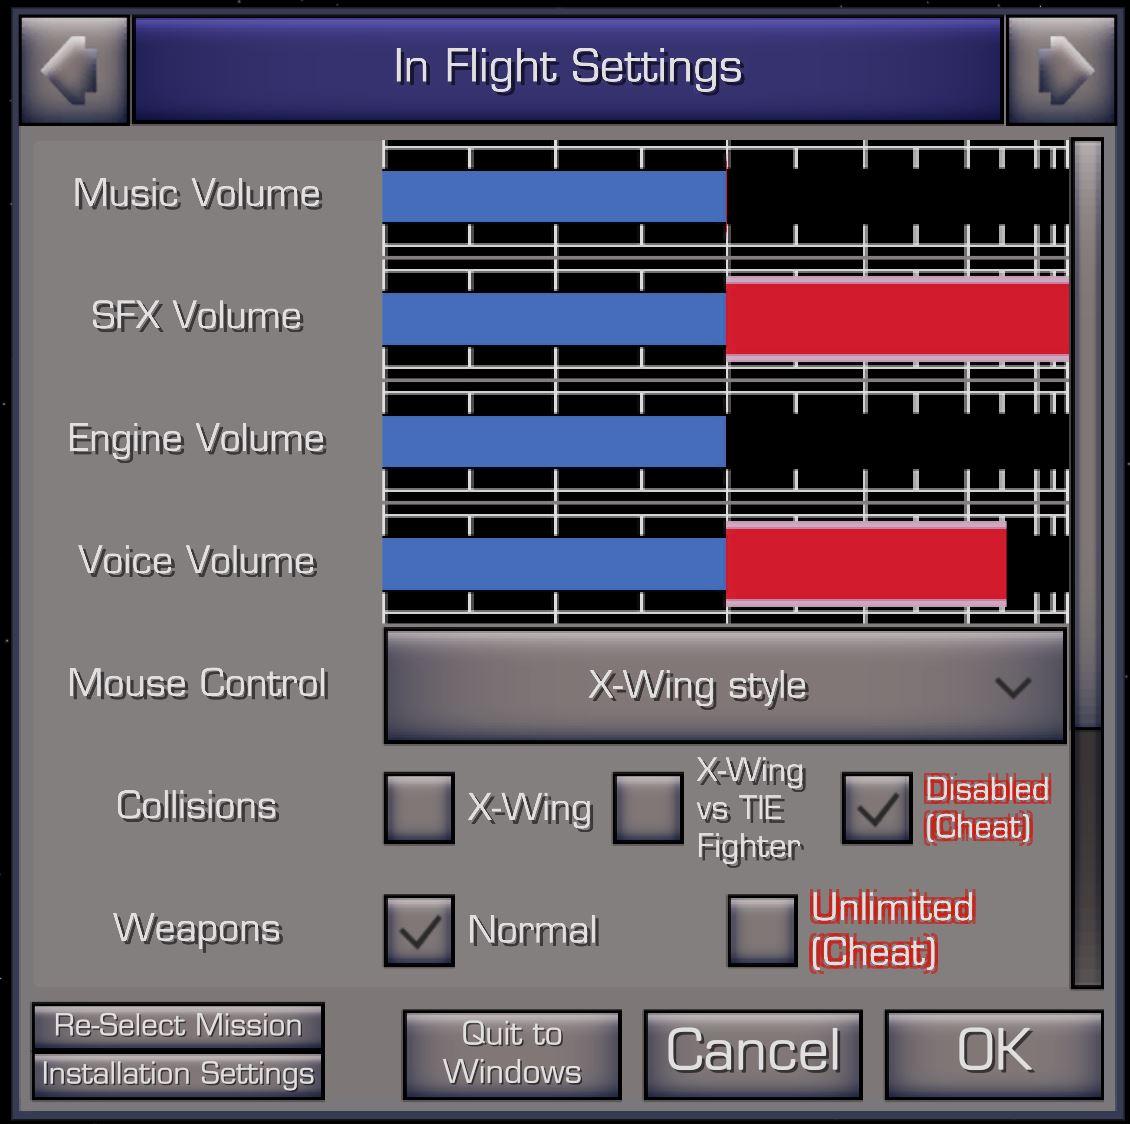 XWVM In Flight Settings